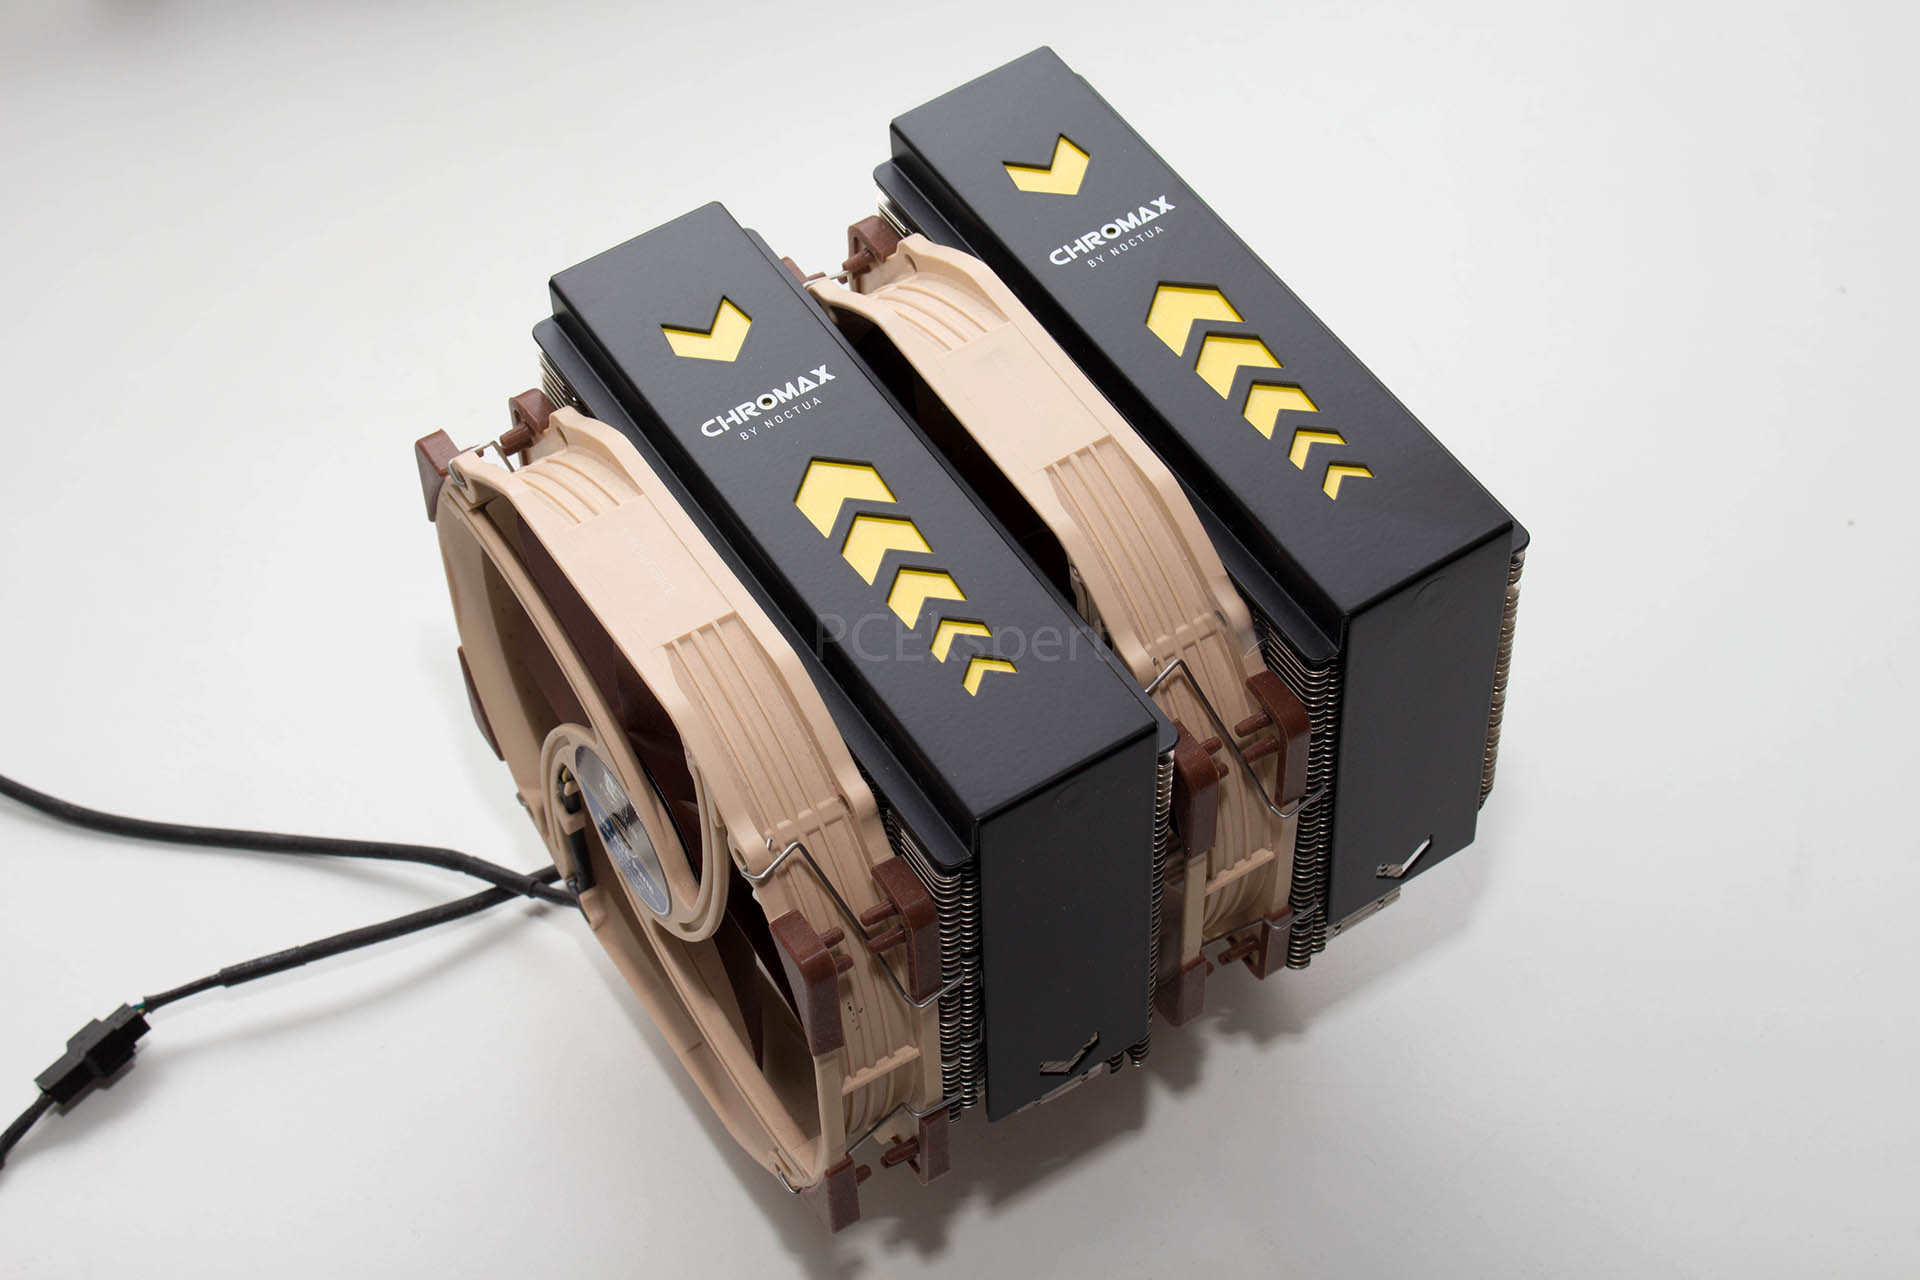 Noctua Chromax ventilatori, pokrovi za hladnjake i kabeli